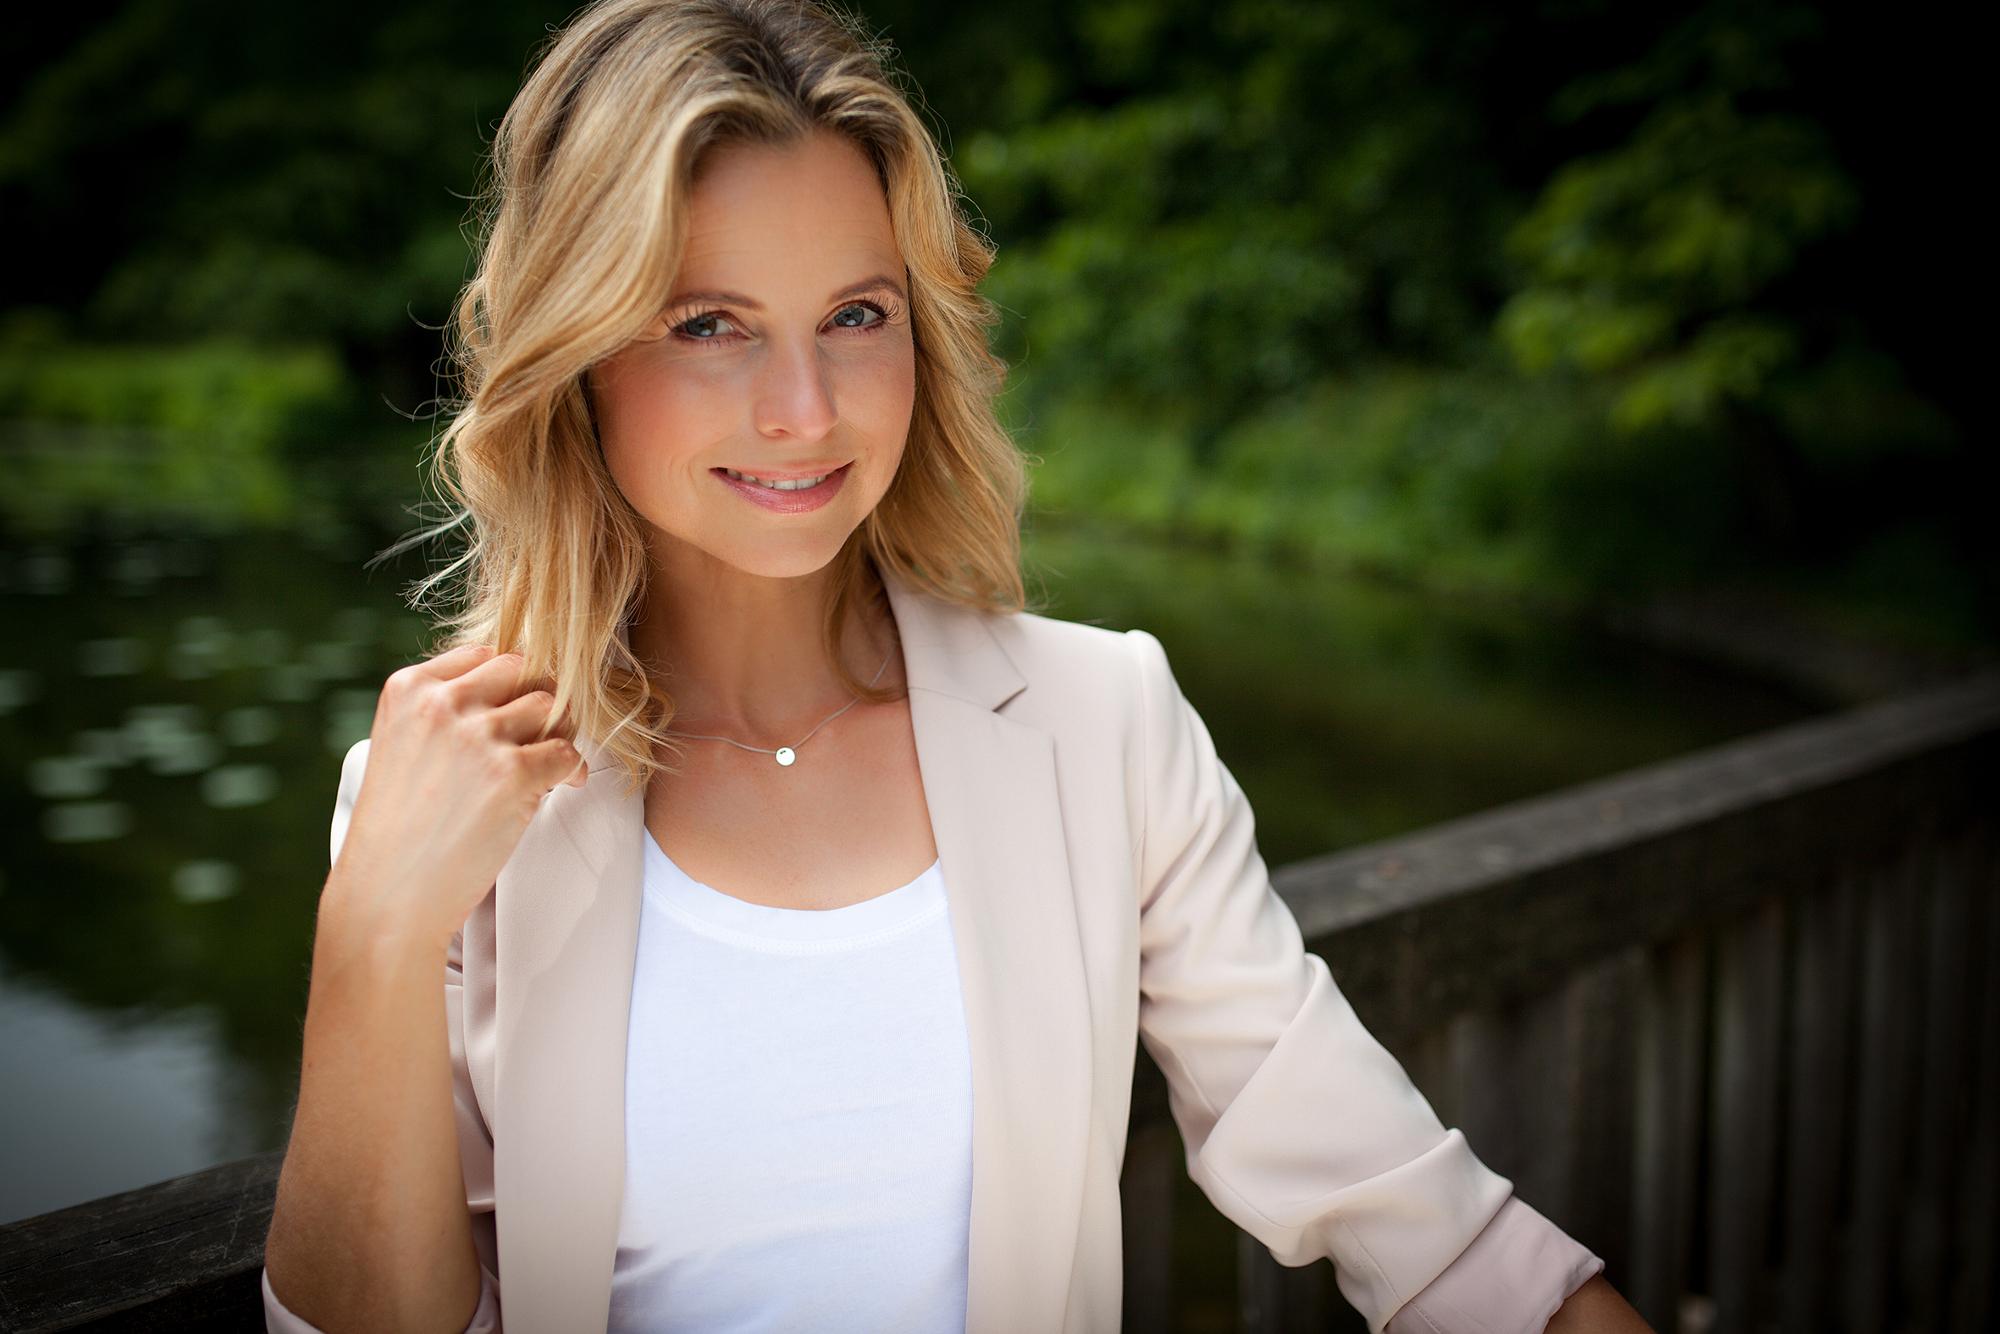 Mein Schiff Gaststar Sarah Latton